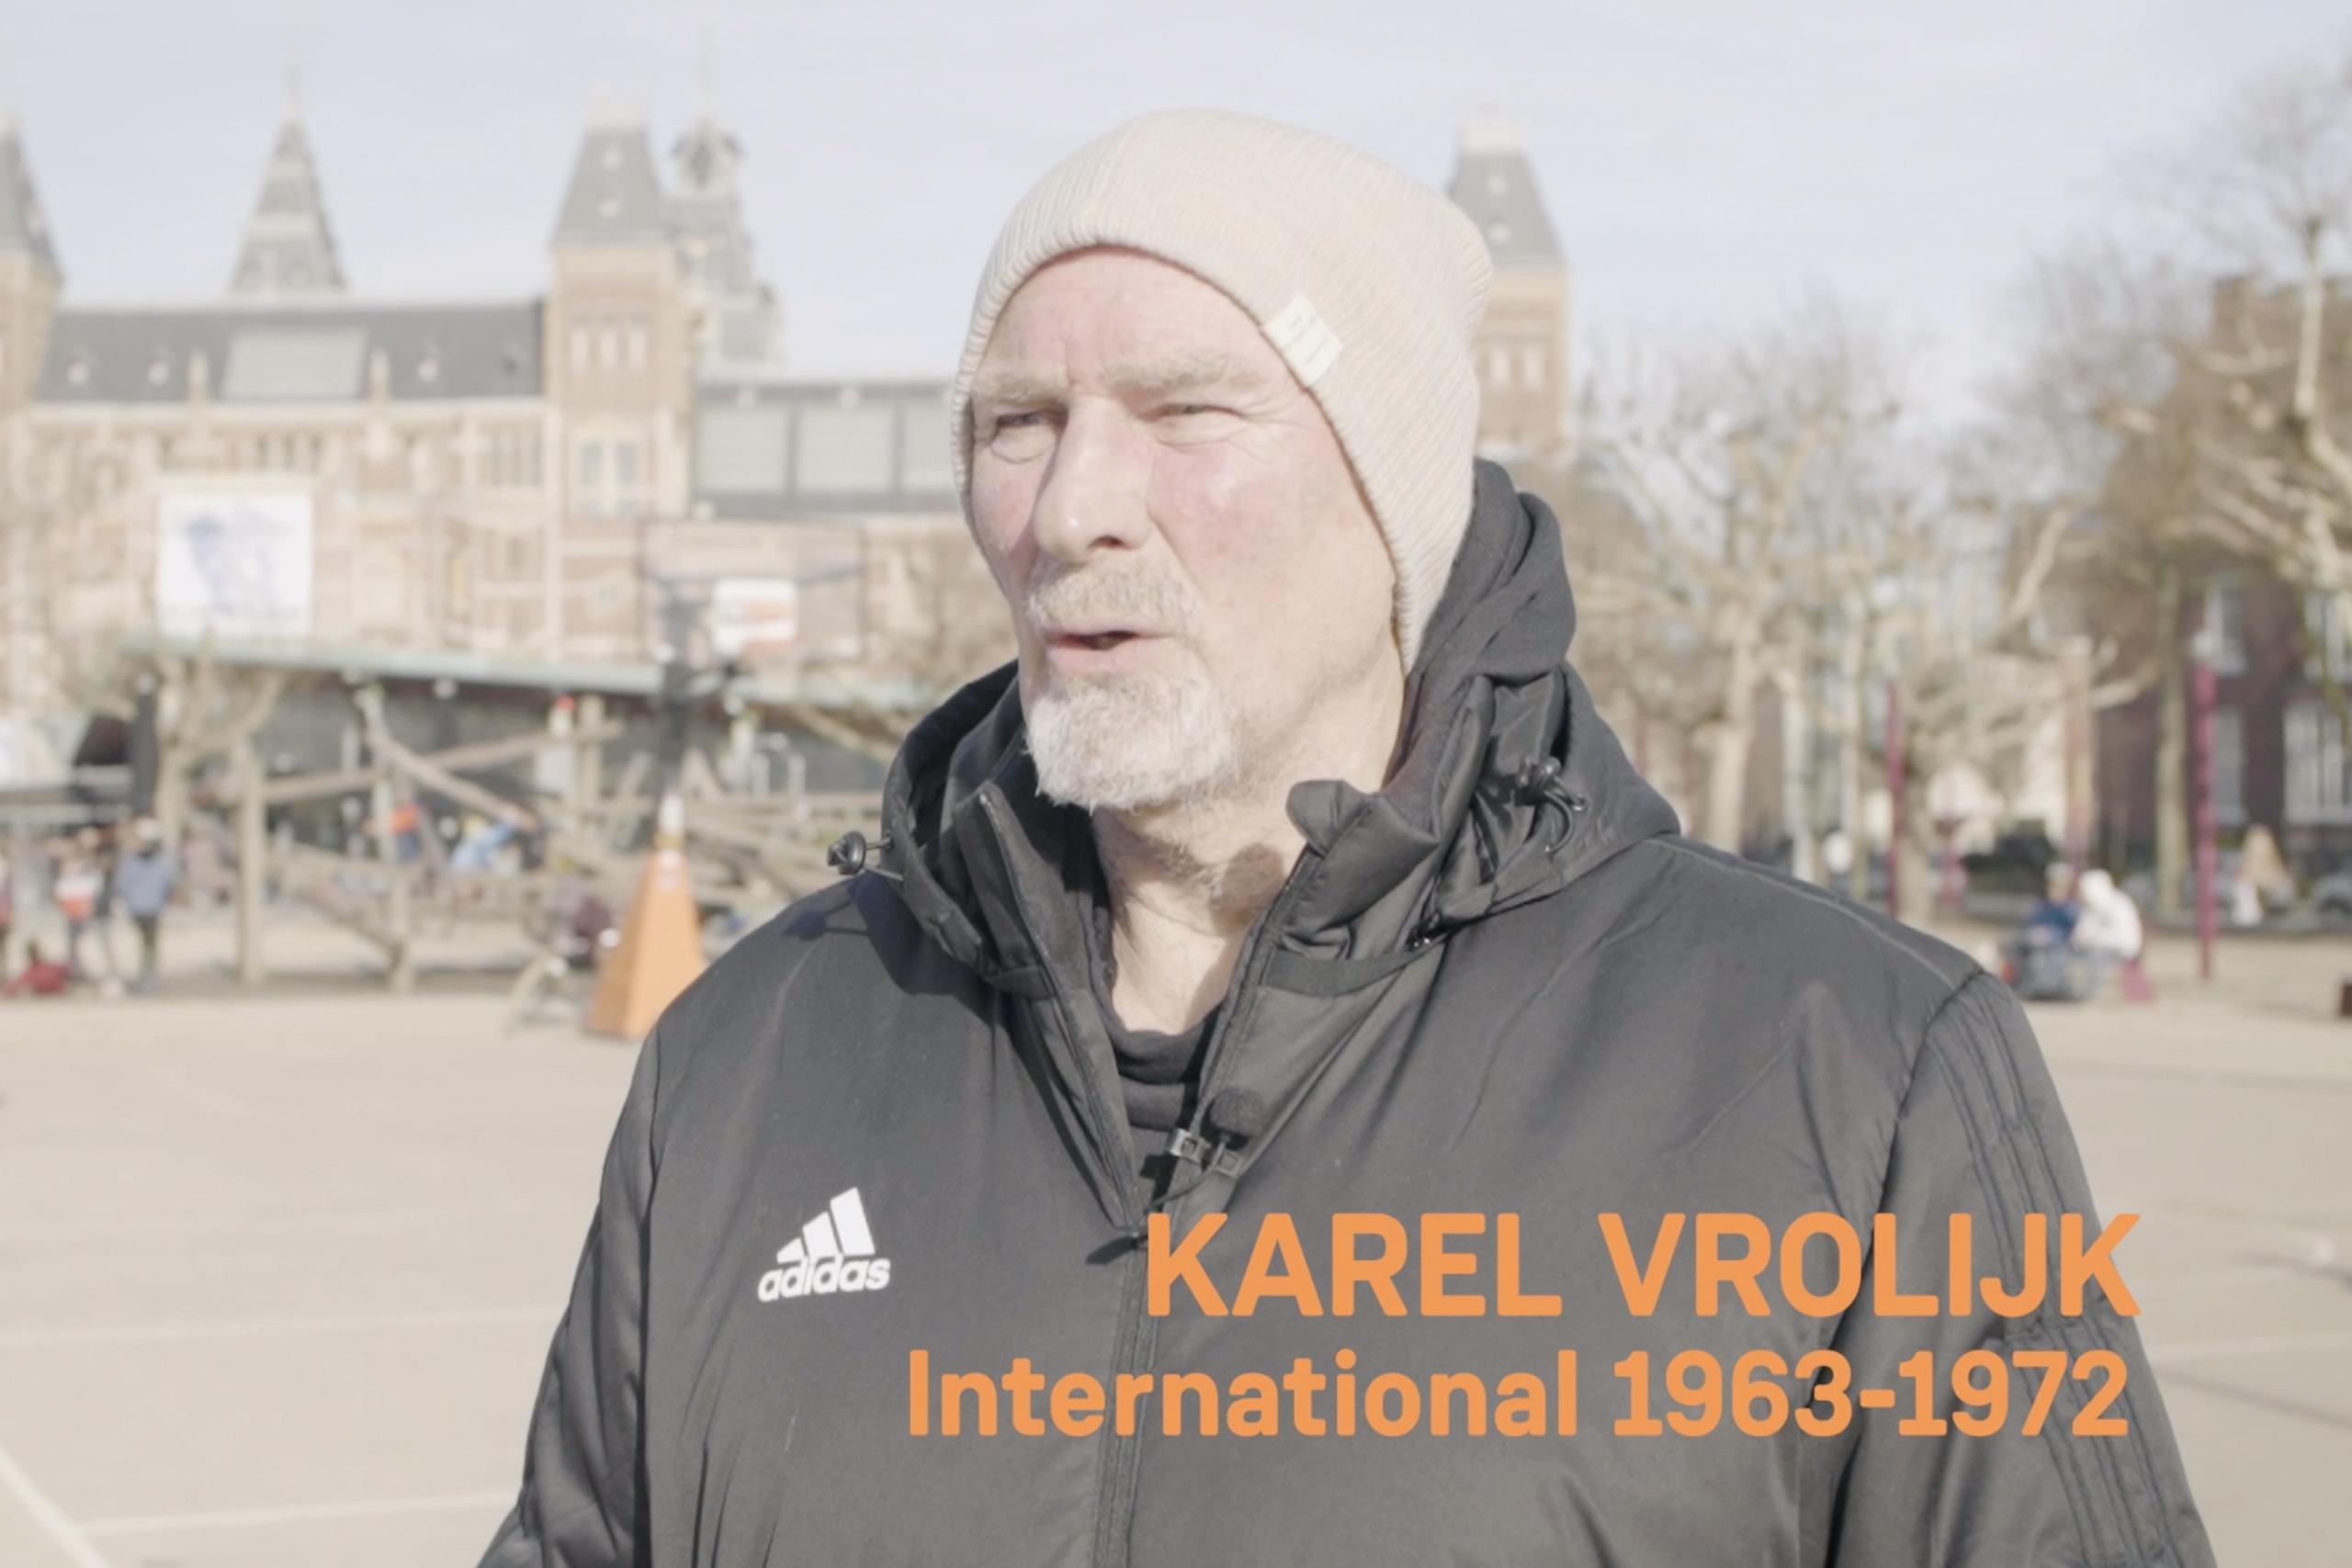 ARC X Dutch Basketball Federation